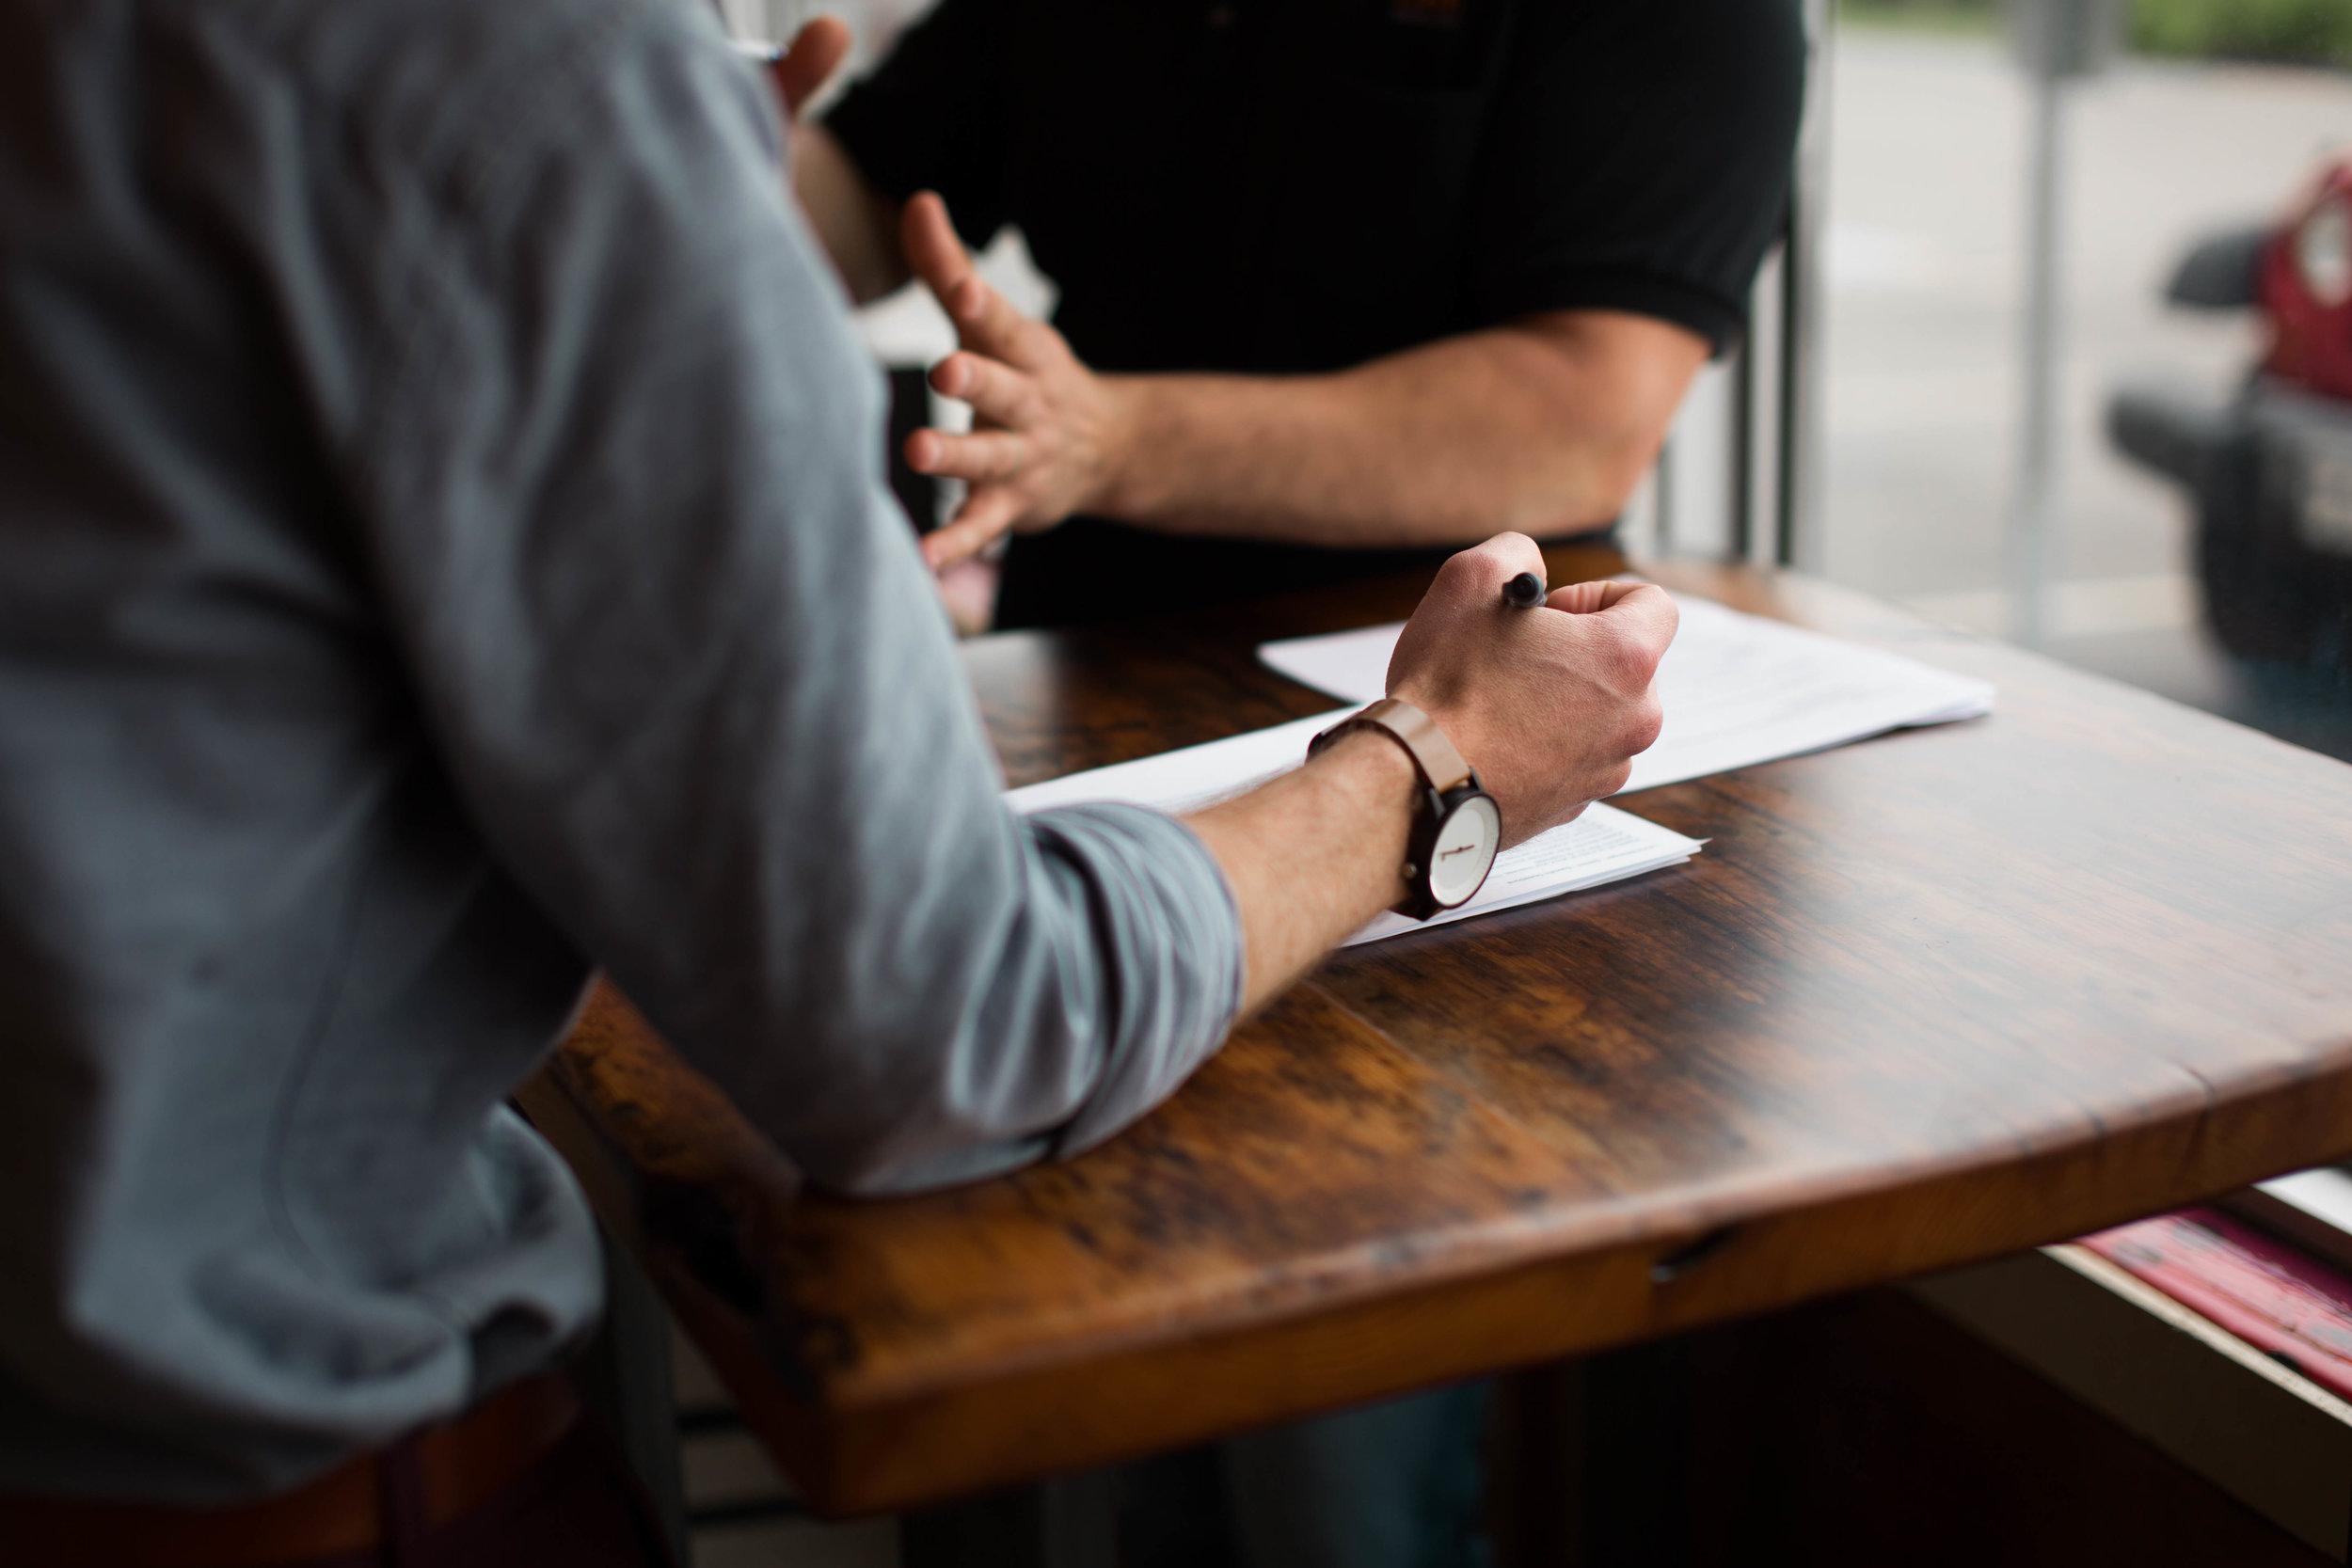 sub-thema's - Advies voor startende ondernemersDuurzaam HRMDuurzaam ondernemen en HRMDuurzaam ondernemenFutureproof business designHR en organisatieontwikkelingInspraak, participatie en buurtgericht (net)werkenInterprofessioneel samenwerken en innoveren in zorg en welzijnSociaal en cooperatief ondernemen